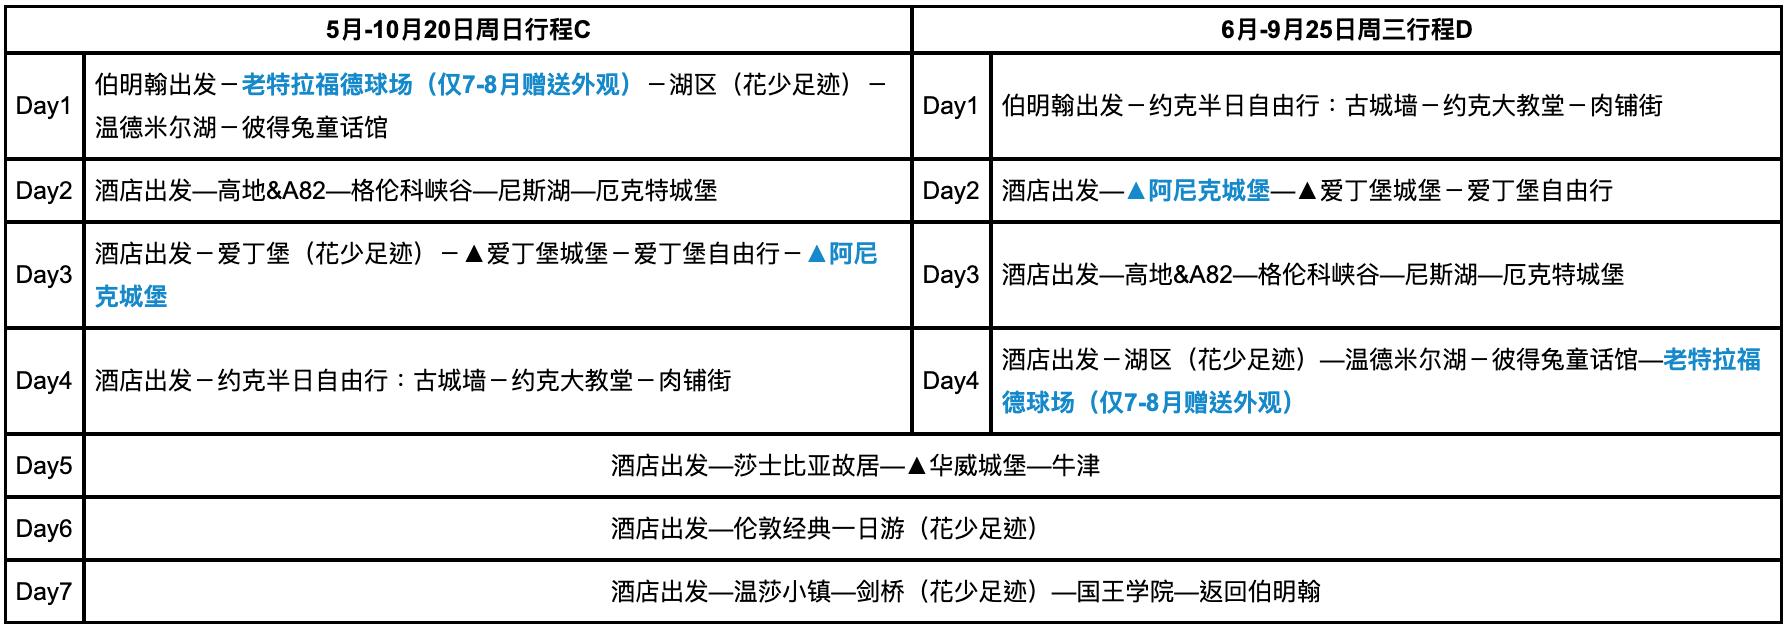 行程说明:   1.请对比因当地昼夜时长和四季景点开关门时长等原因,不同月份团期行程的区别。 2.6月-9月周日出发团期涉及行程C 行程D 两种游览顺序,随机安排,如您想提前了解您所在团次的游览顺序,可在报名后联系客服咨询。